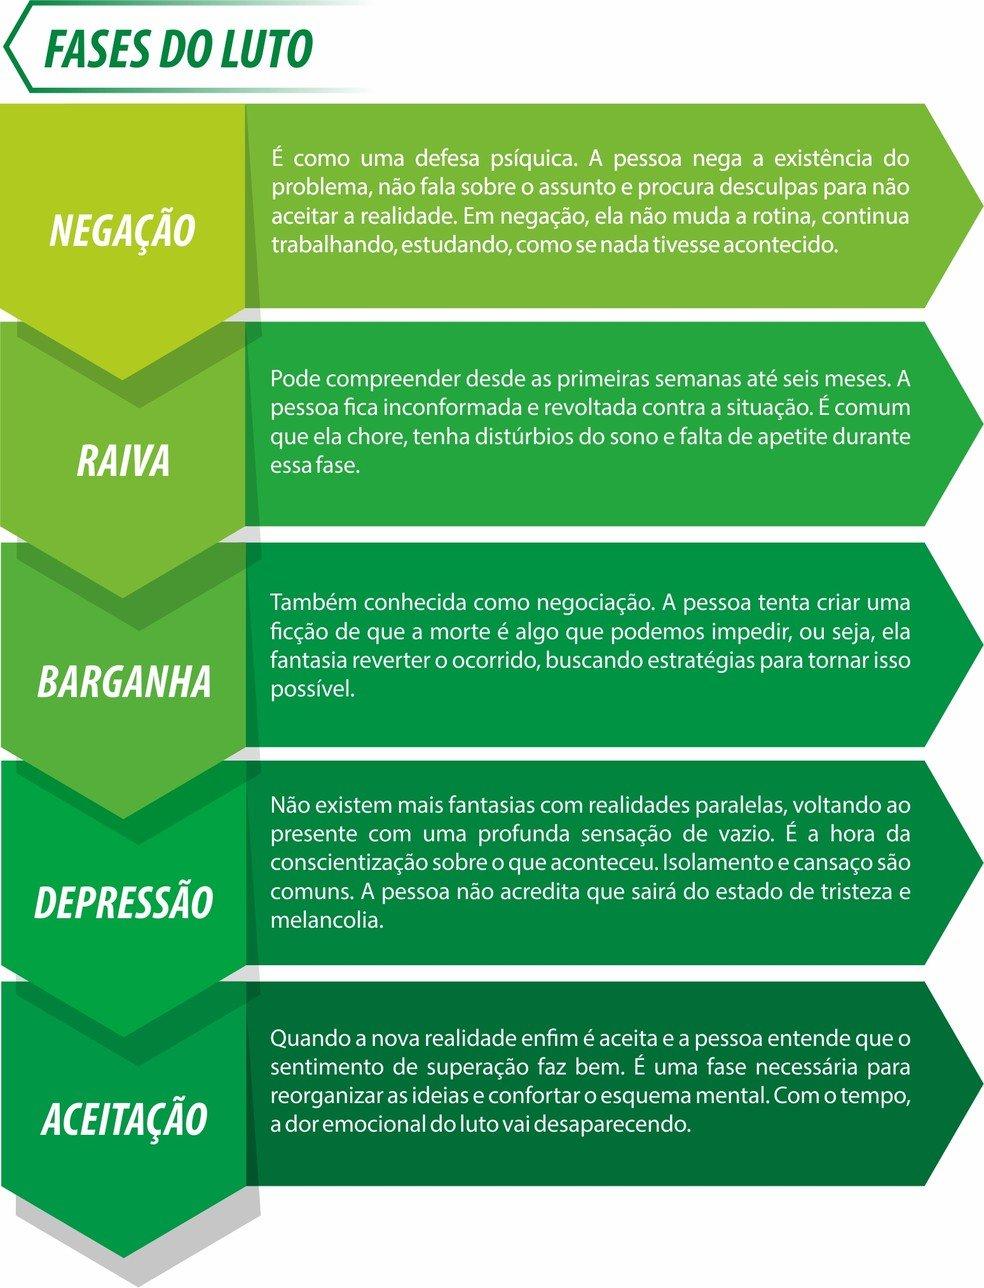 imagem descrevendo as 5 fases para superar o luto